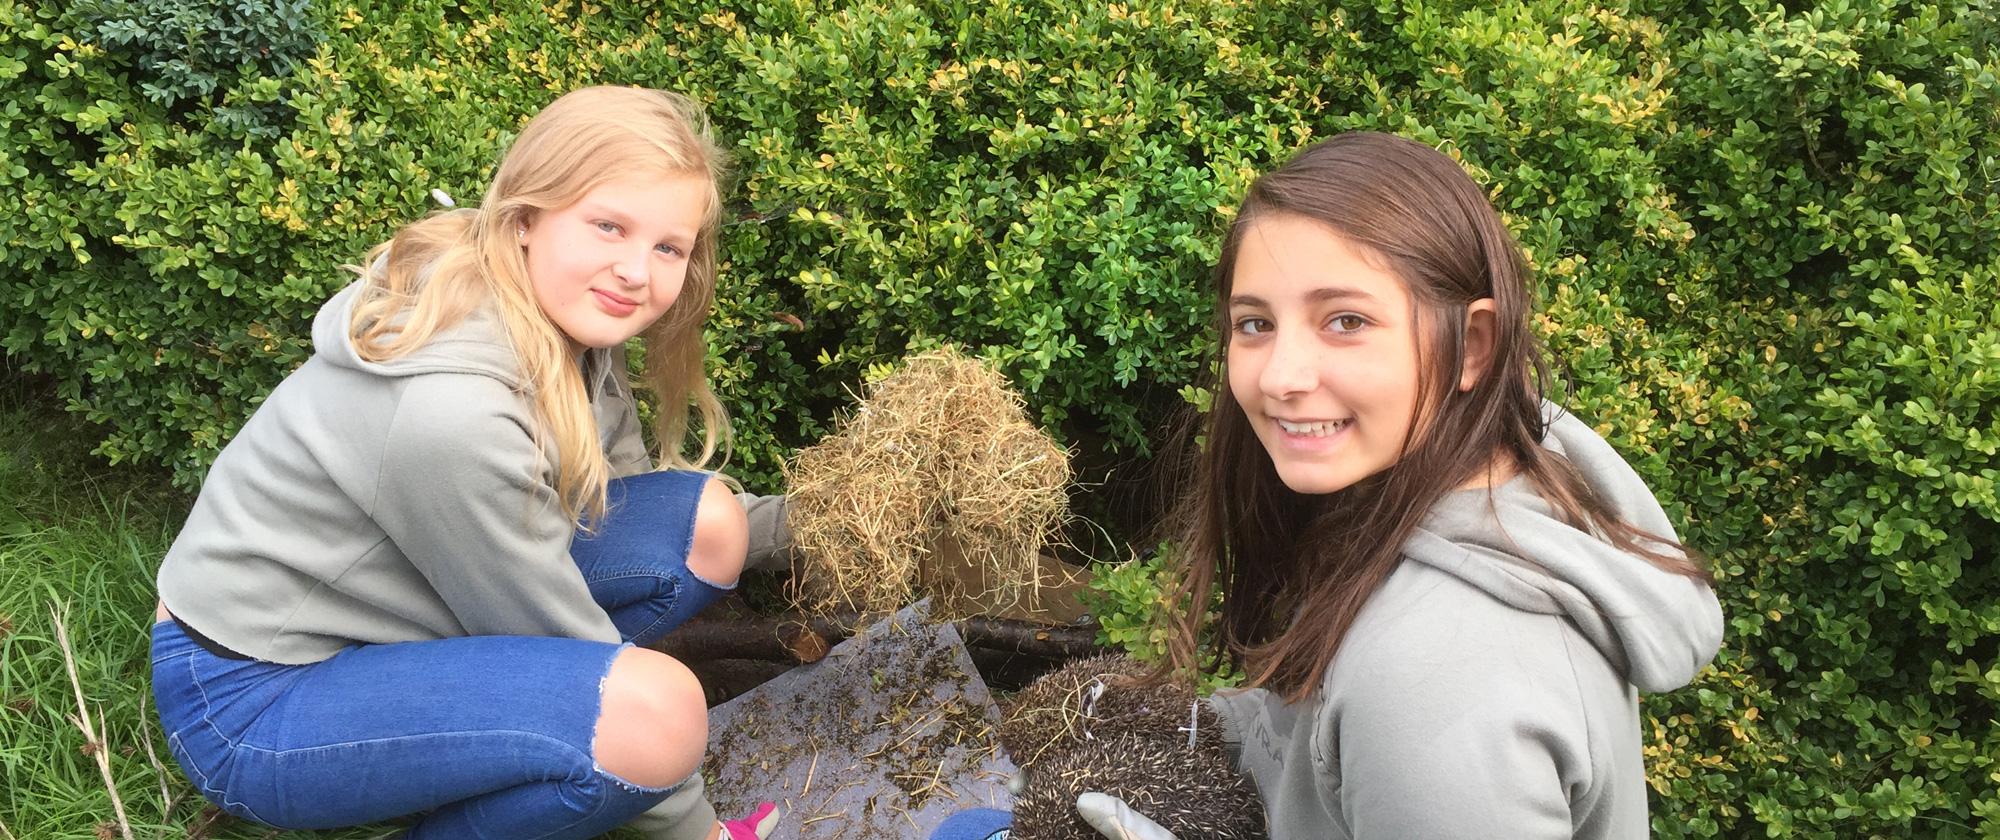 We release hedgehogs